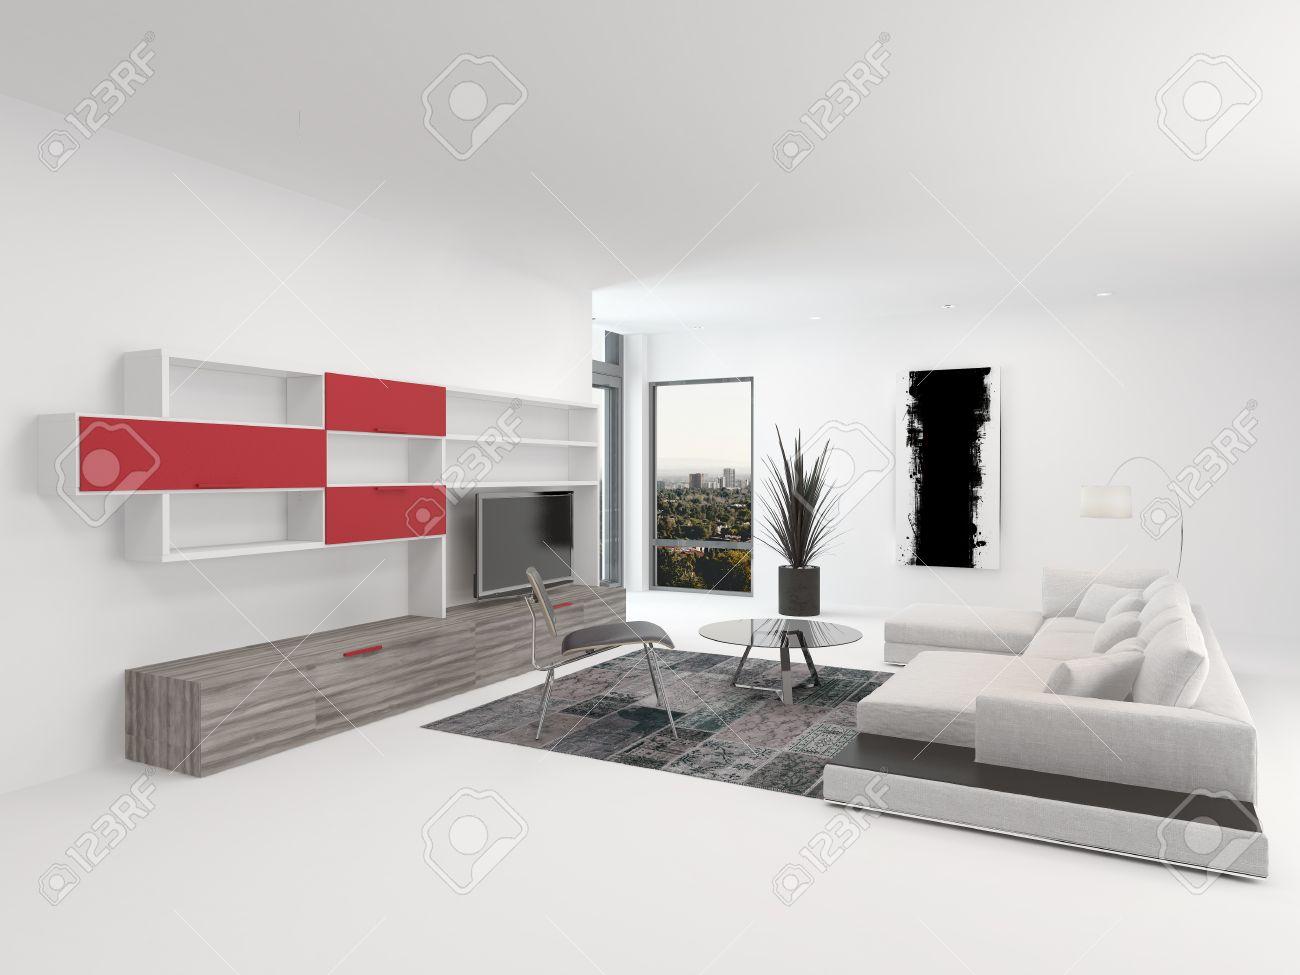 Haut de gamme intérieur salon moderne avec des accents rouge vif ...